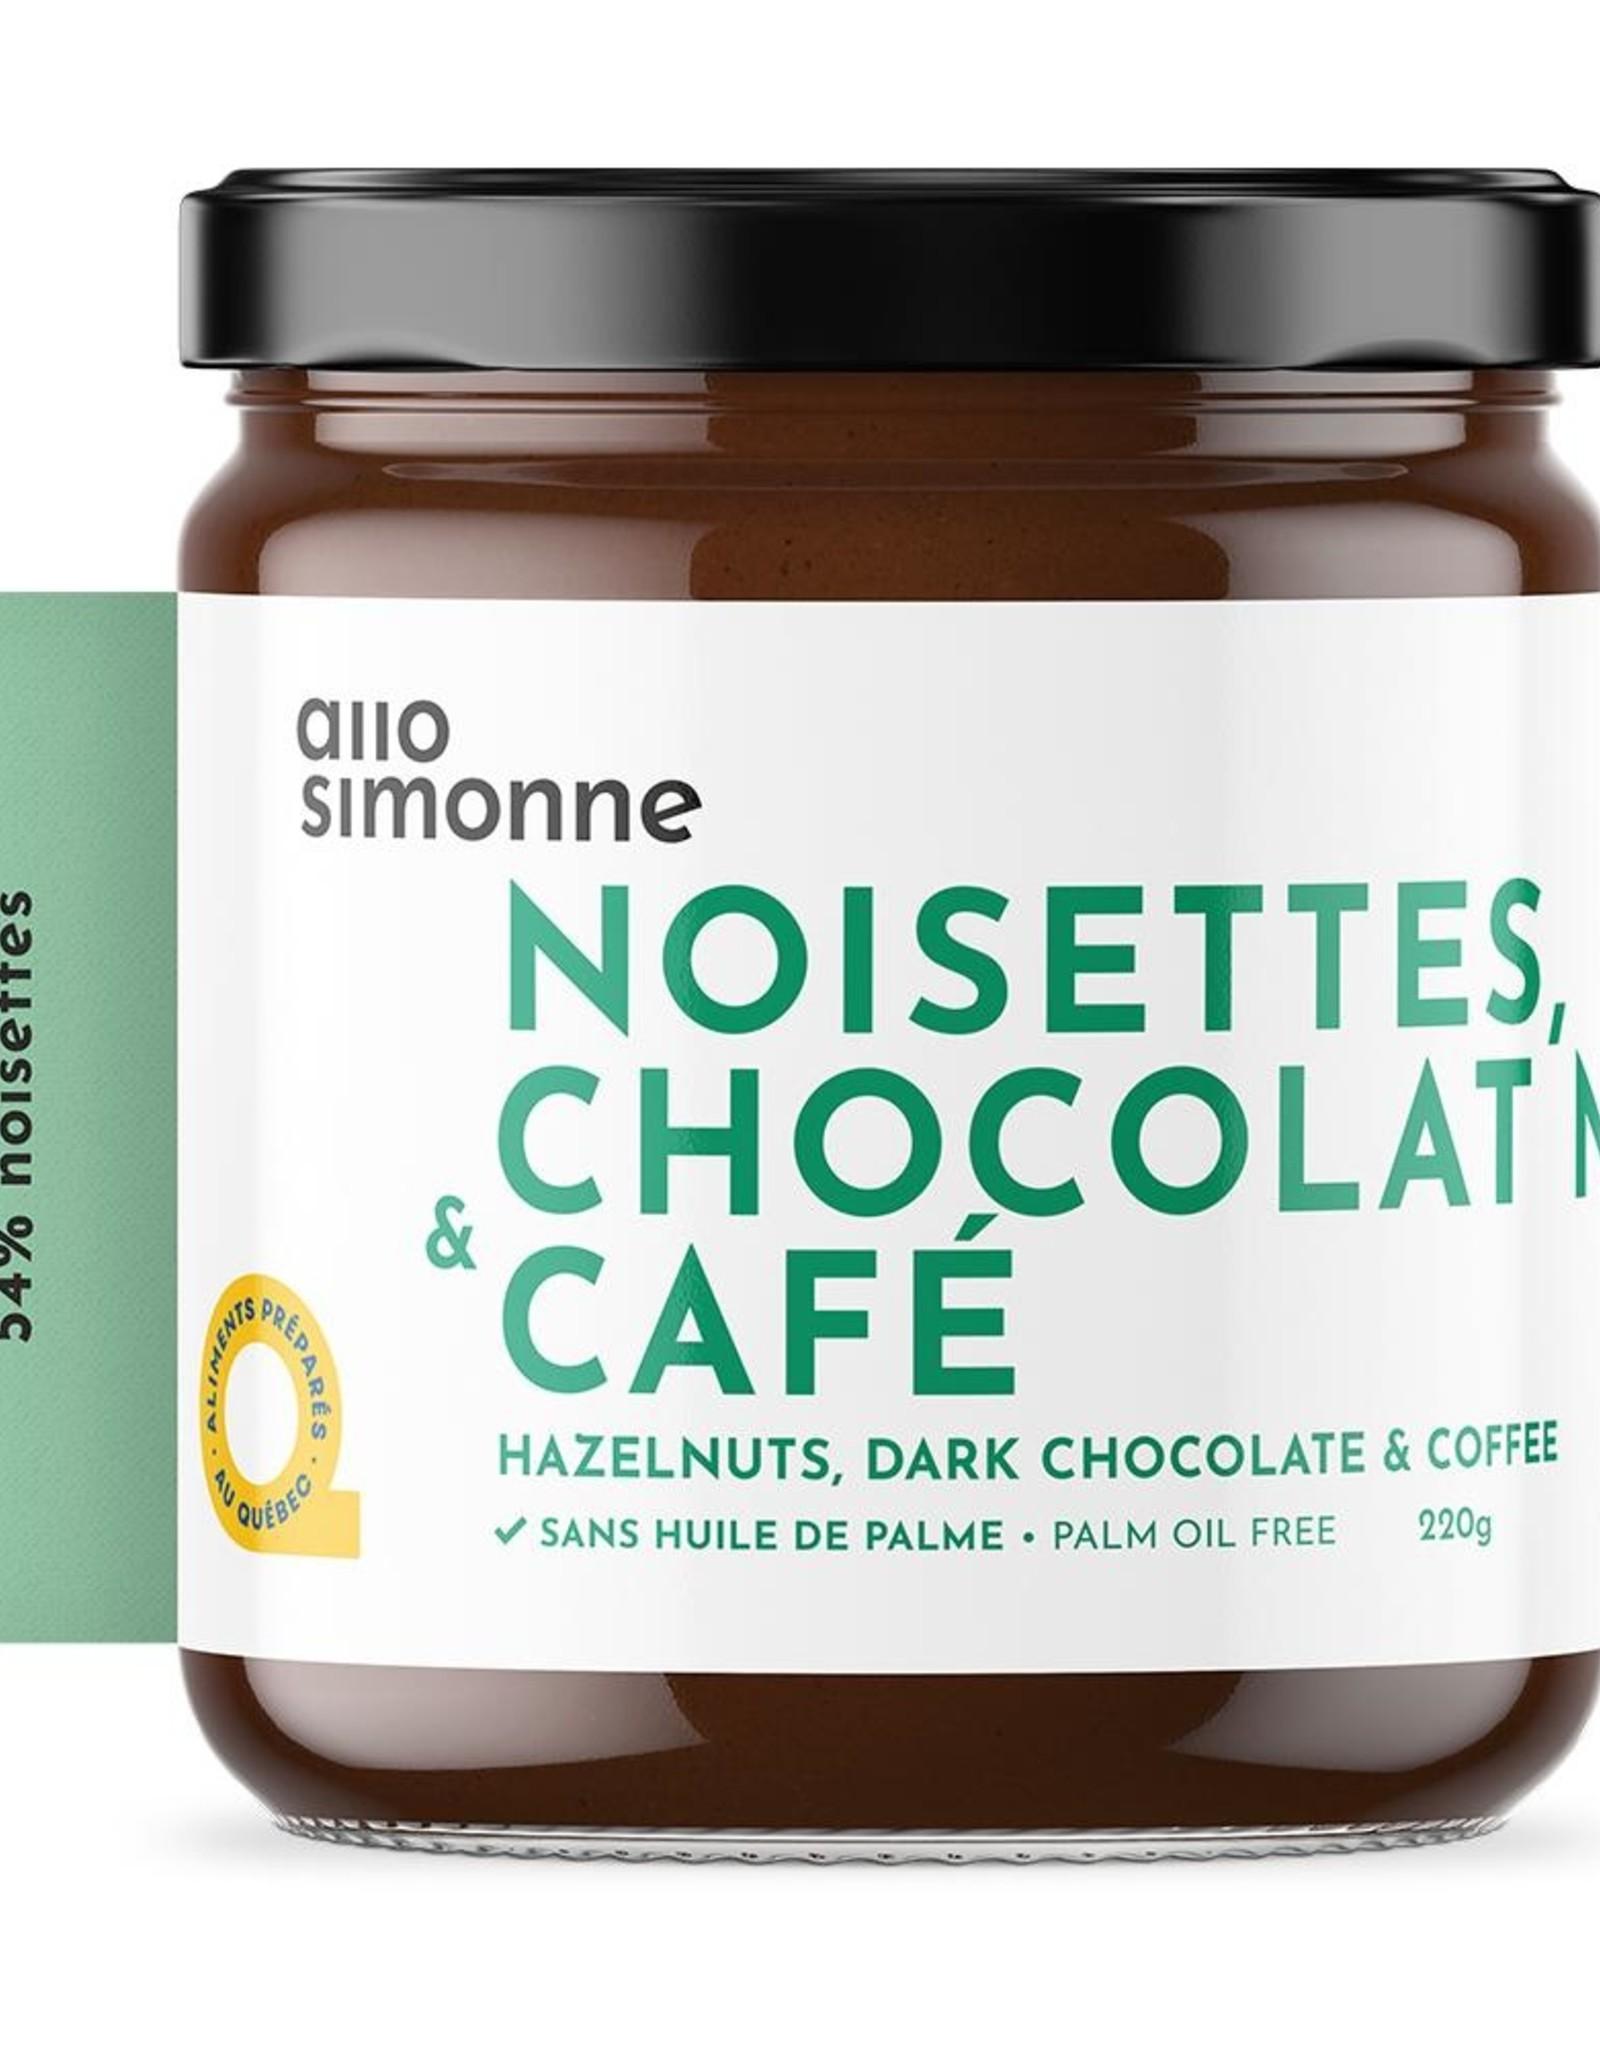 Tartinade chocolat noir & café par Allo Simonne